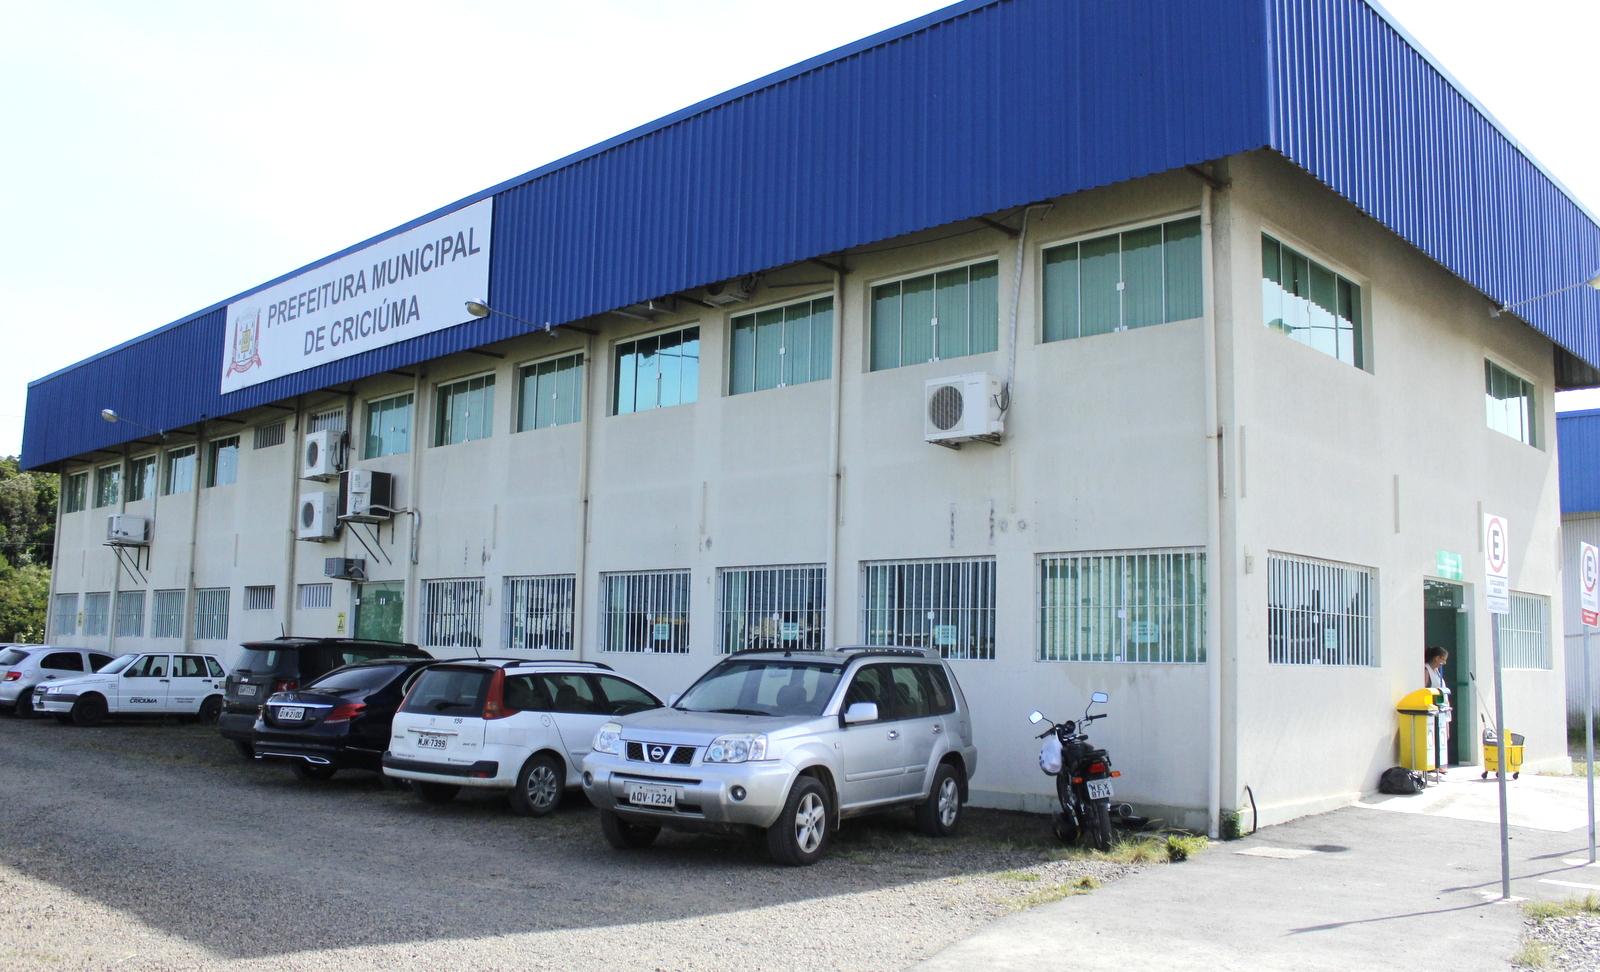 Prefeitura Municipal de Criciúma - Governo de Criciúma injeta aproximadamente 42 milhões na economia